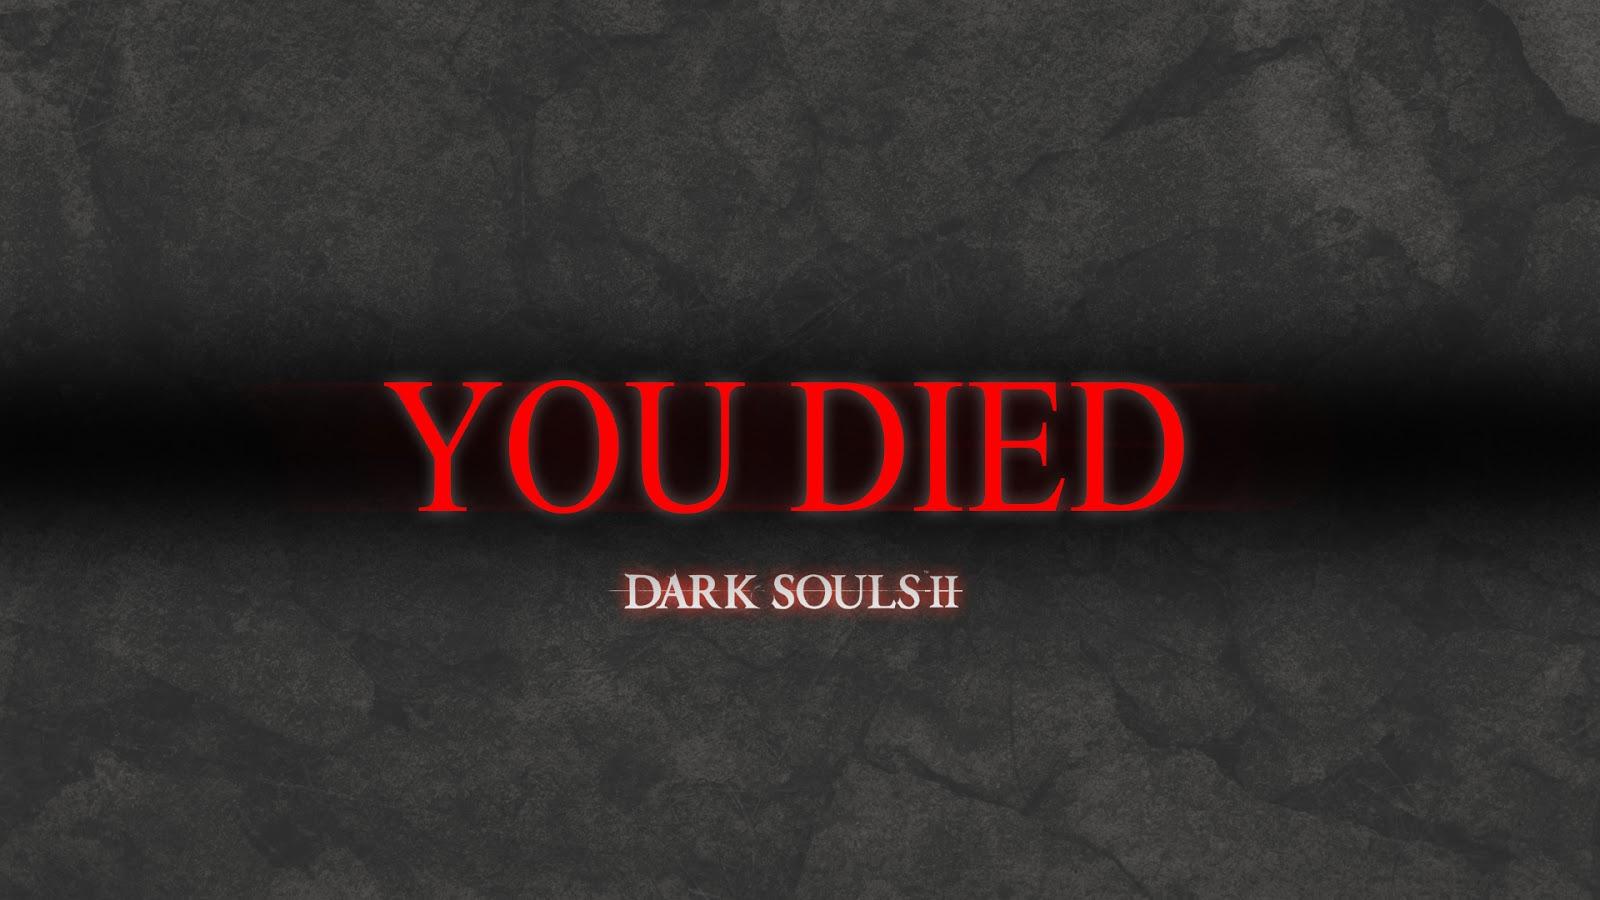 Ma Dark Souls è davvero un gioco difficile?